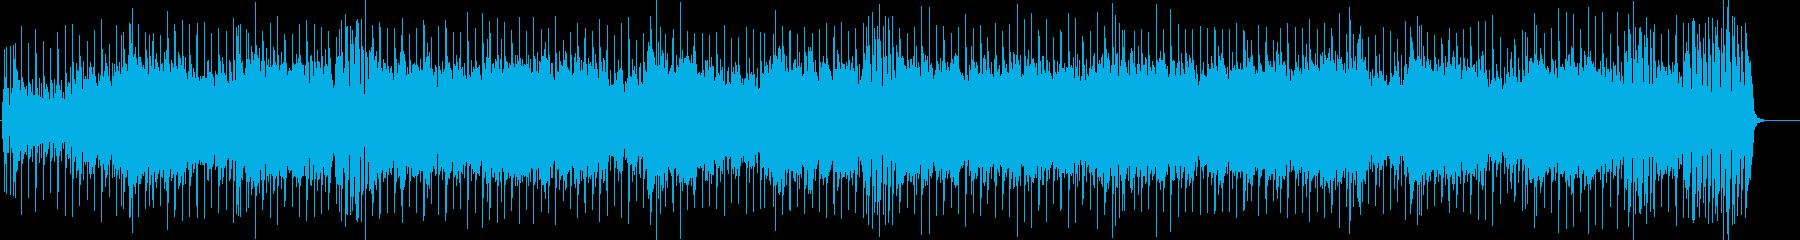 アクションRPG冒険バトル フュージョンの再生済みの波形